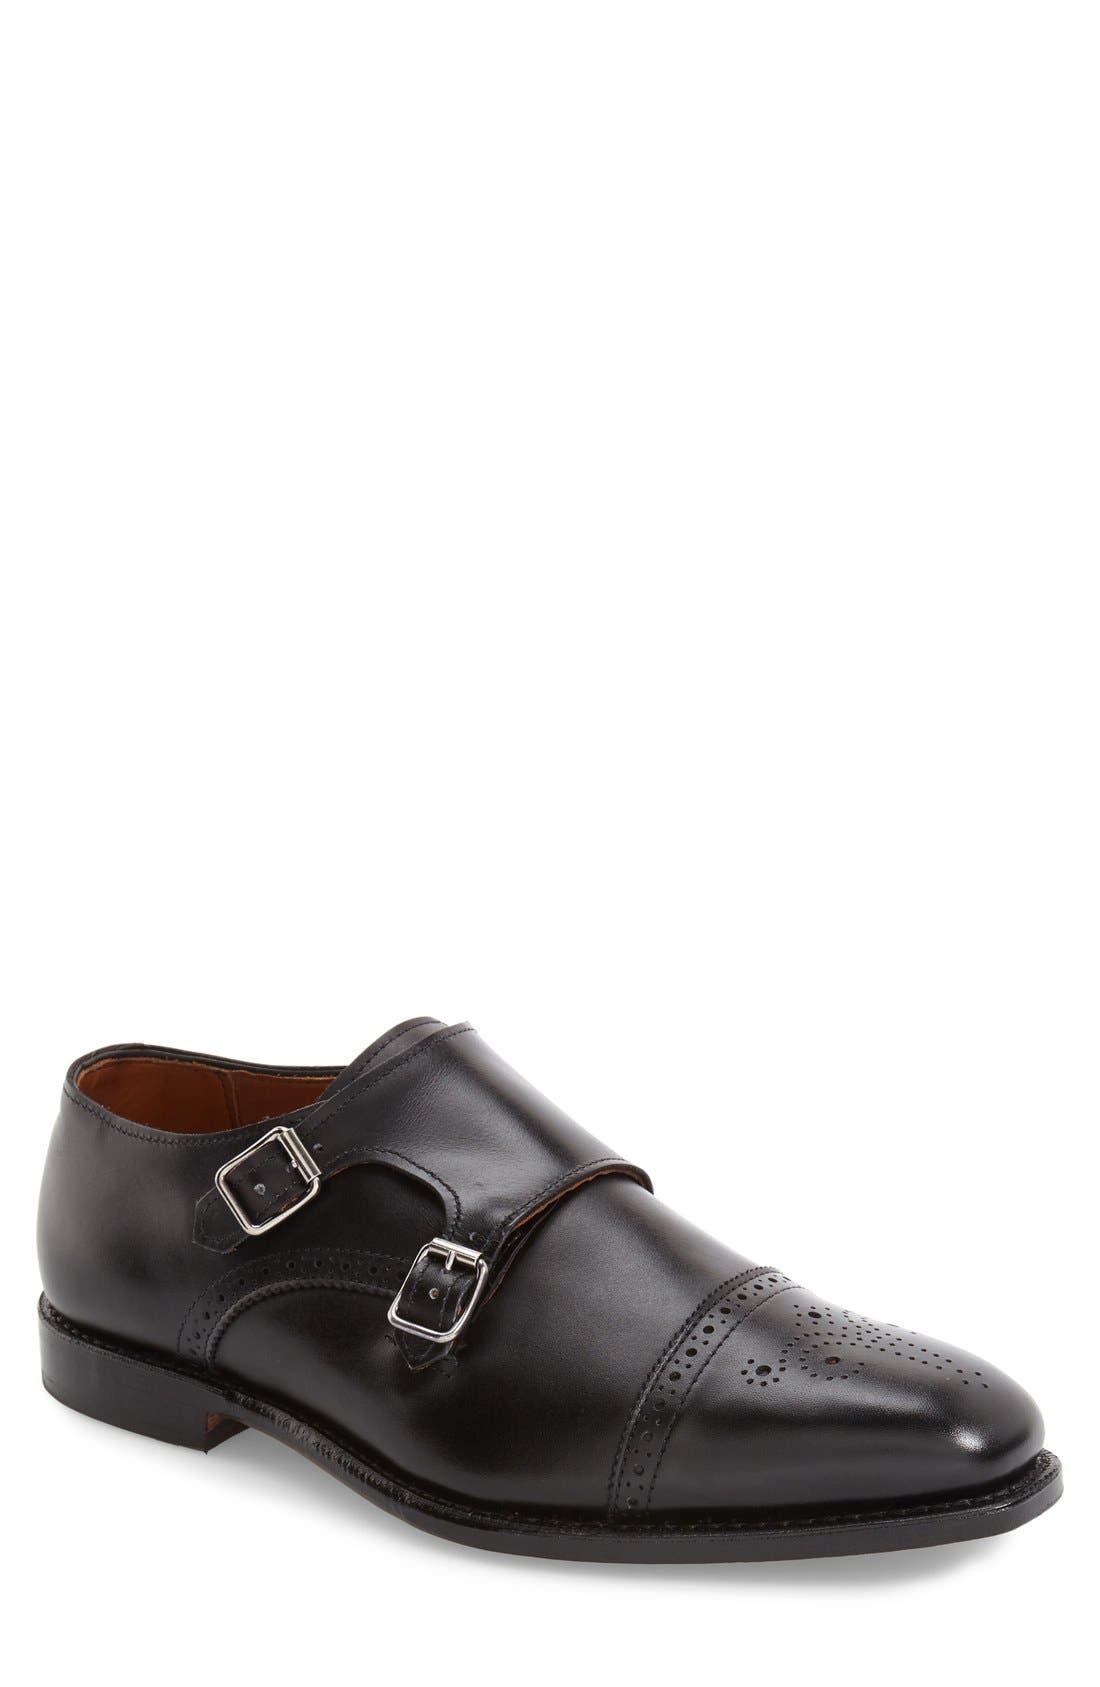 'St. Johns' Double Monk Strap Shoe,                             Alternate thumbnail 5, color,                             BLACK LEATHER